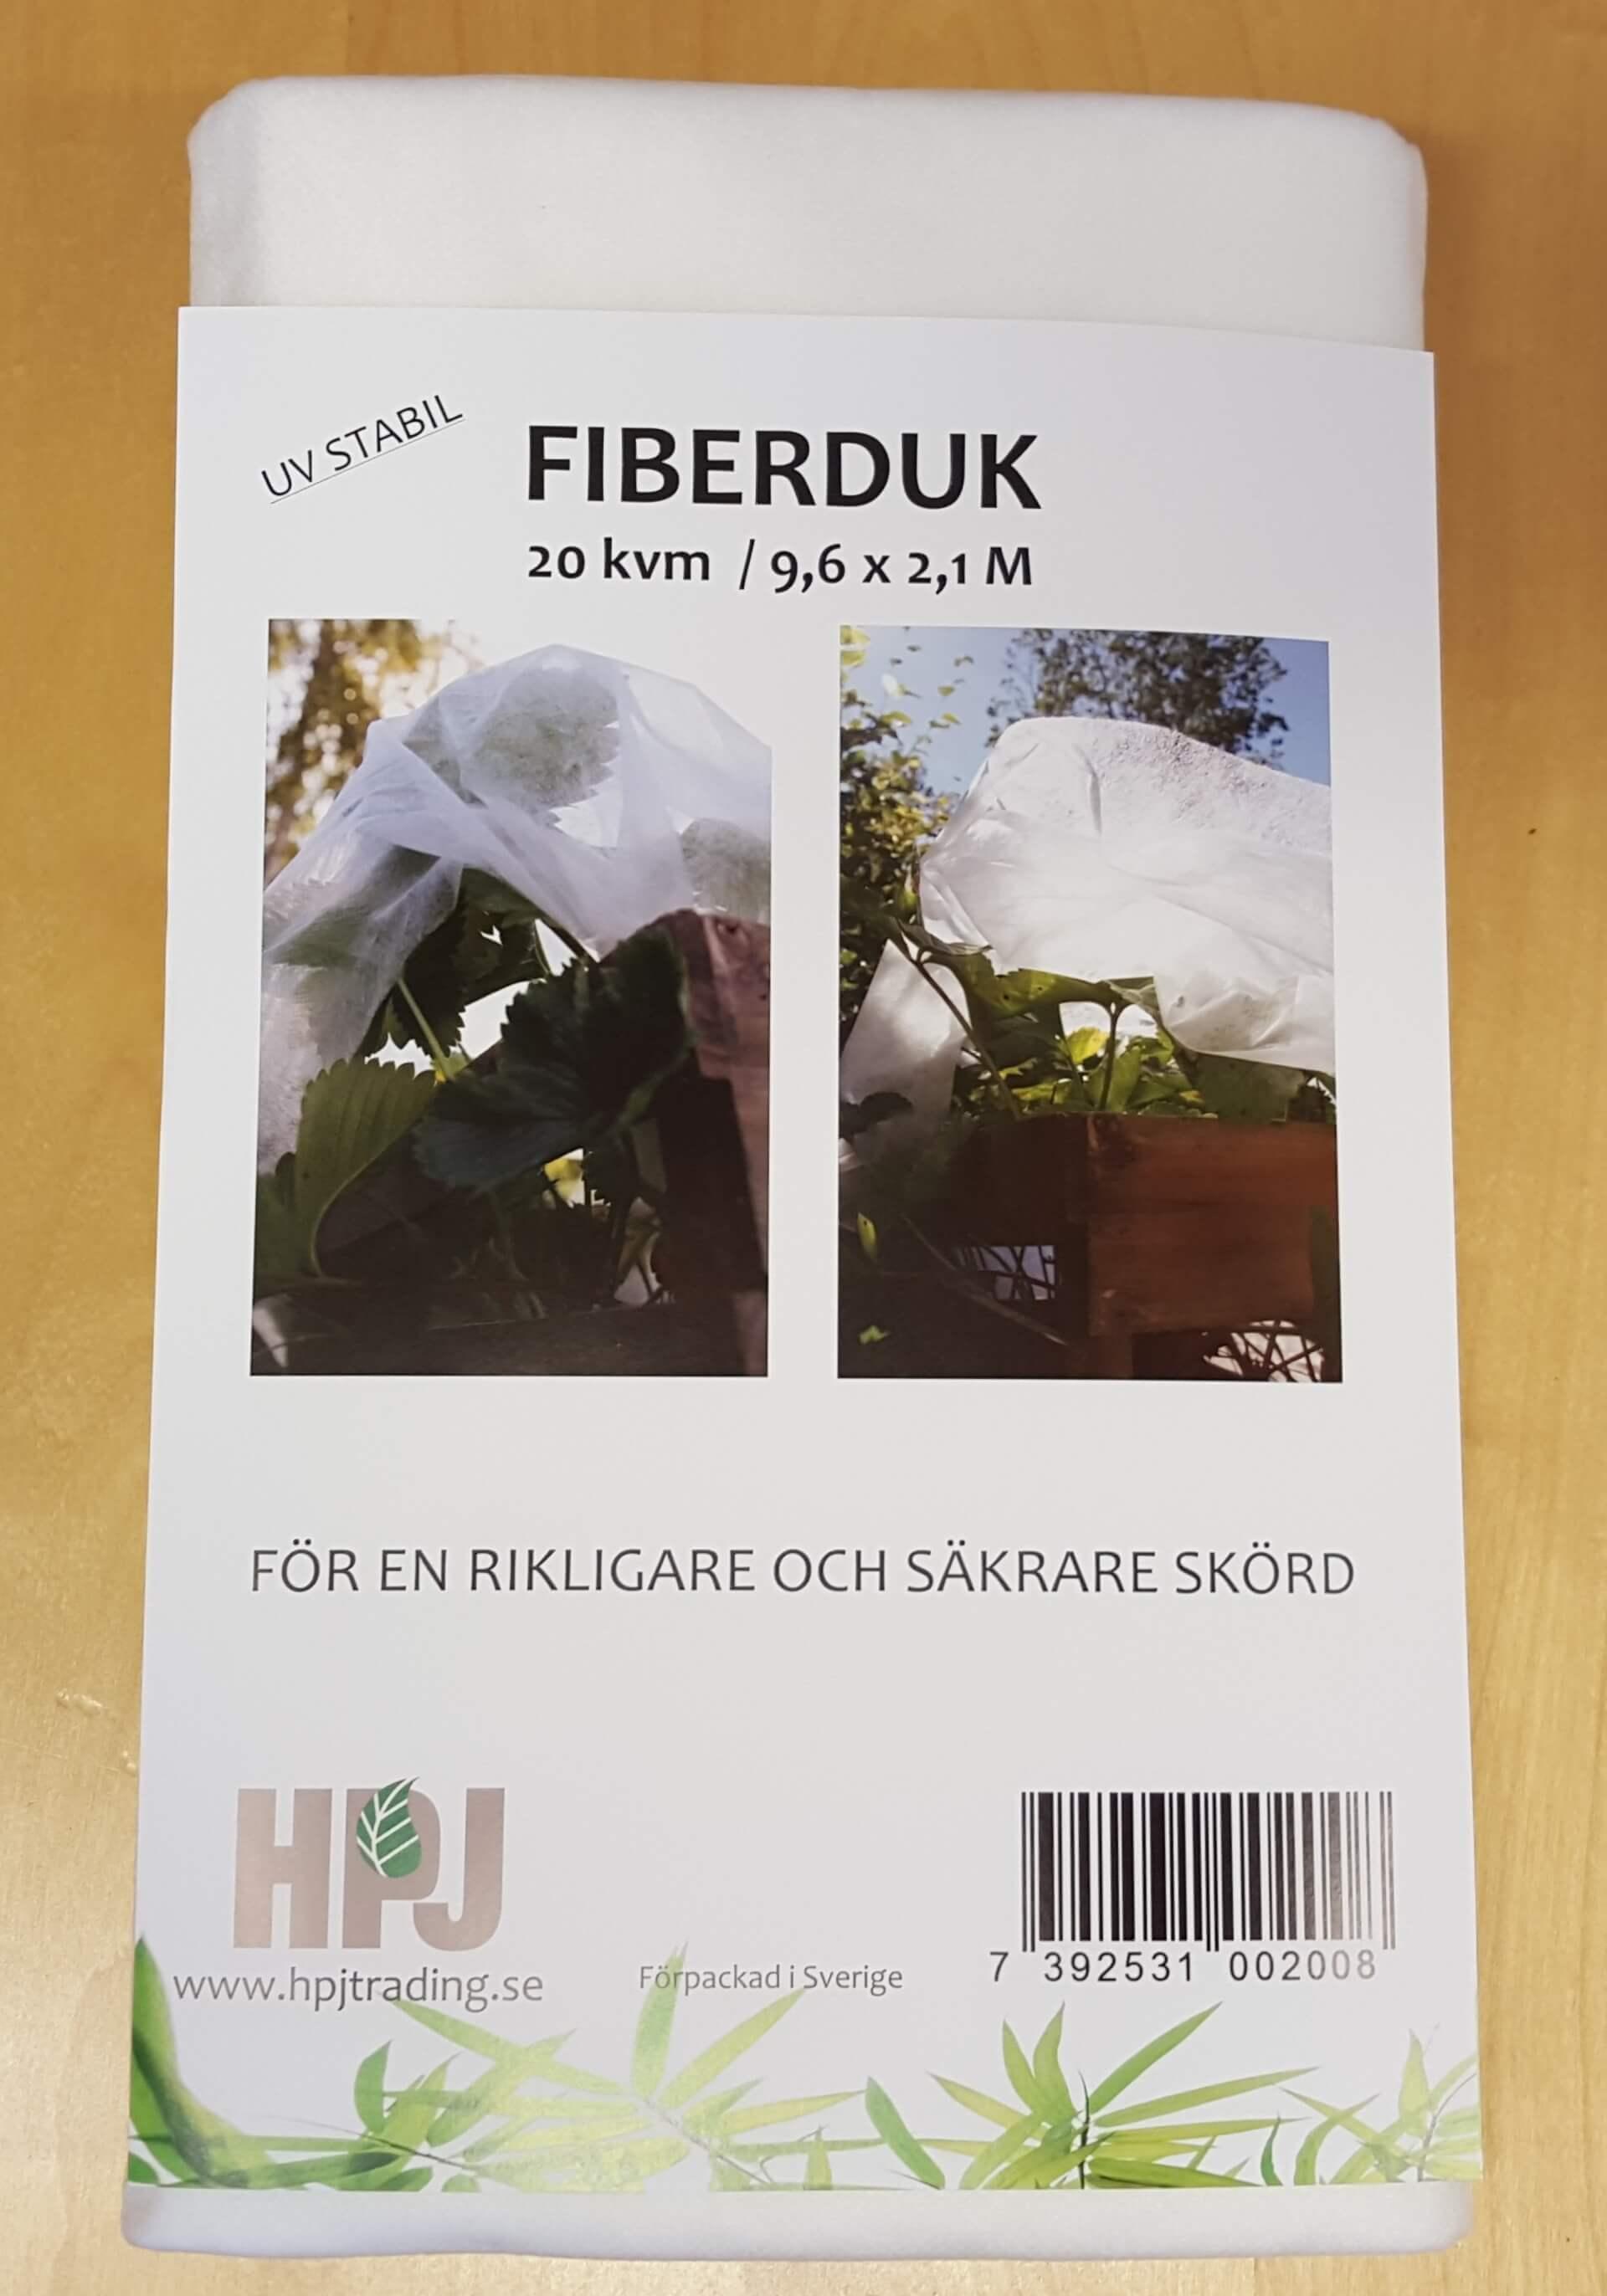 Fiberduk 20 kvm / 002008